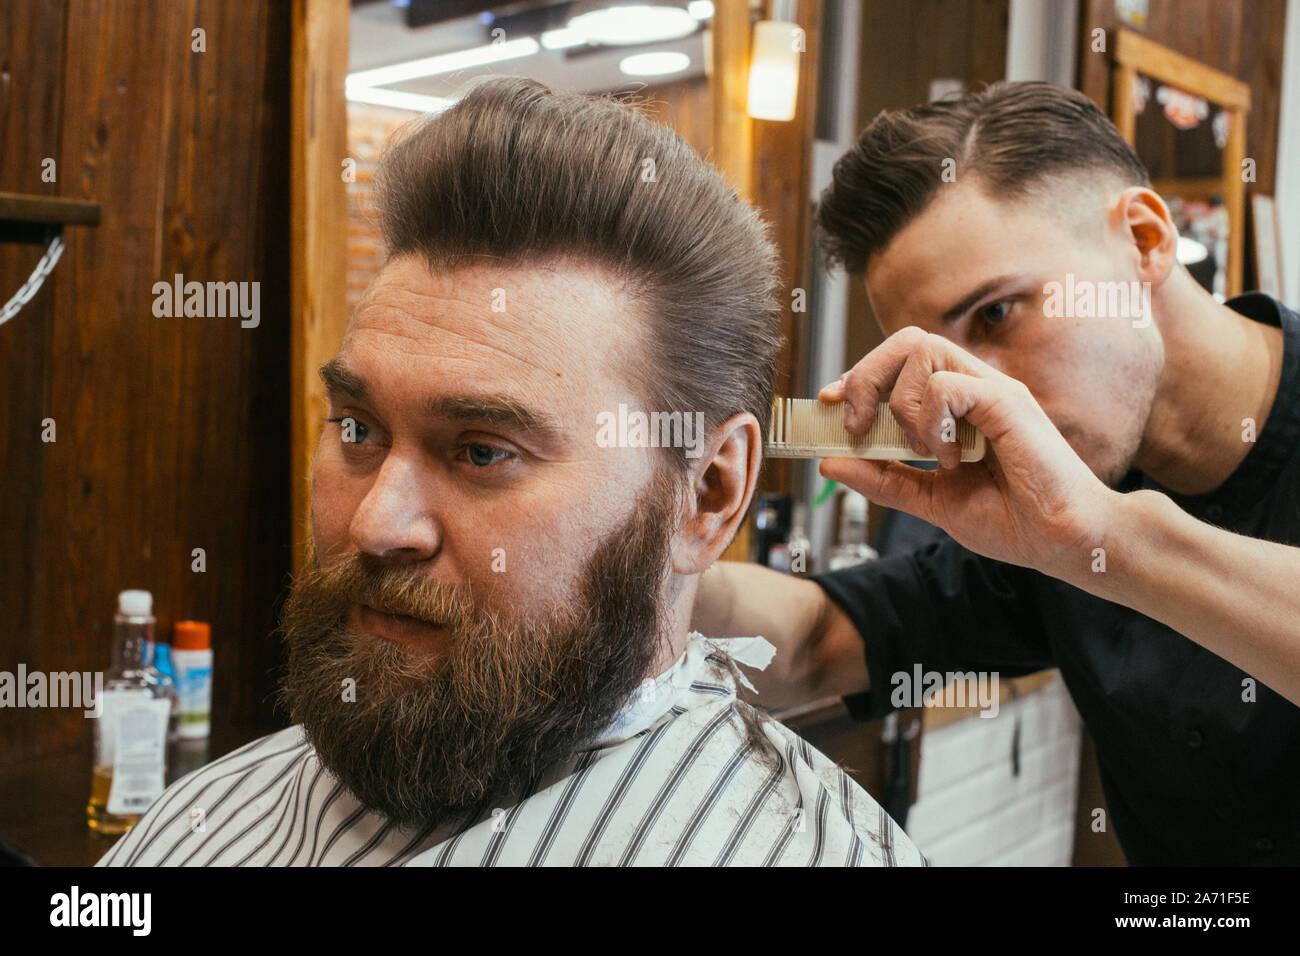 Haare schöne männer Männerfrisuren: Schöne